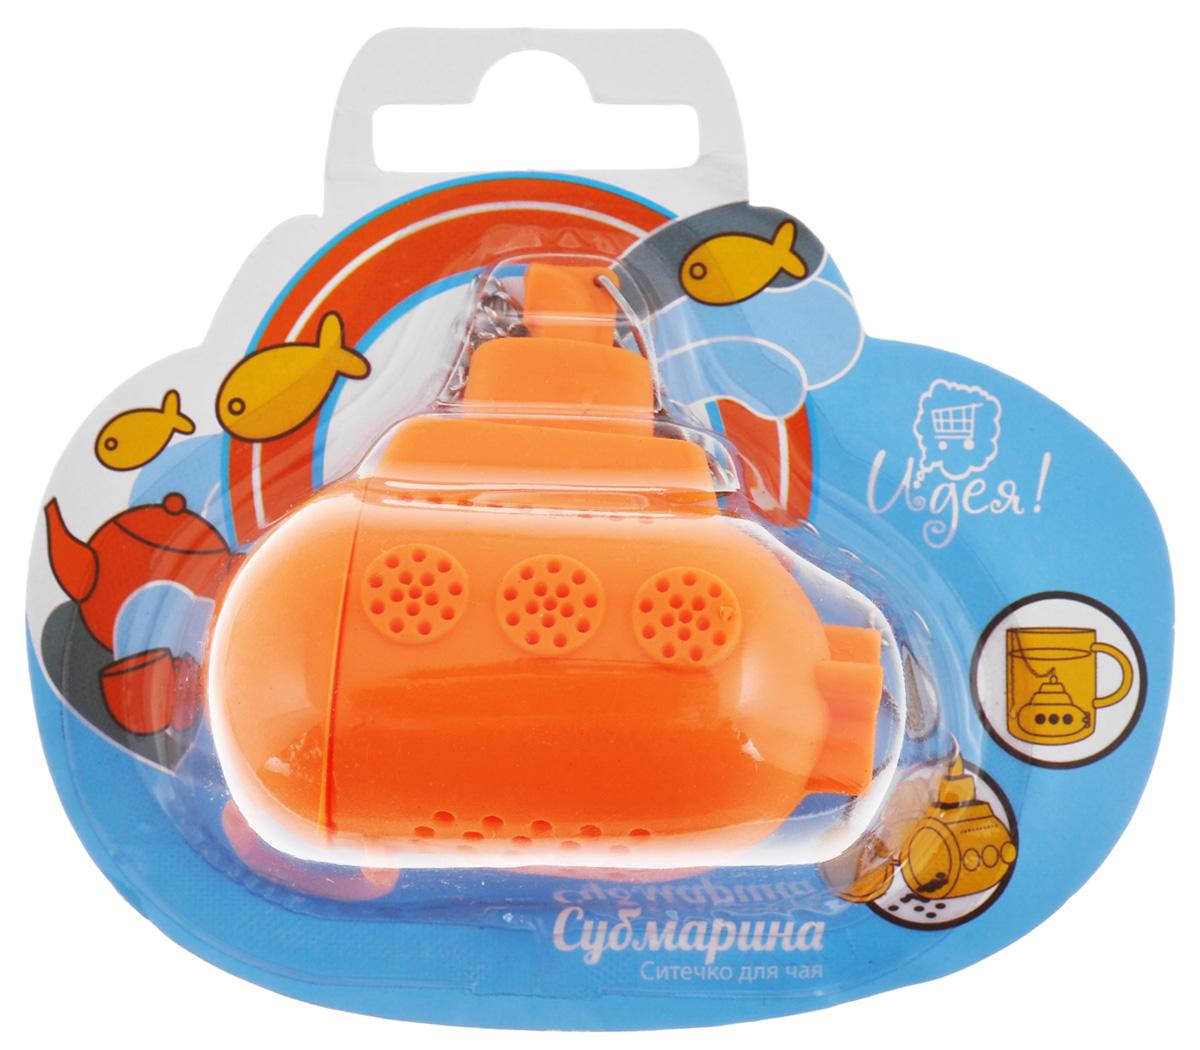 Ситечко для чая Идея Субмарина, цвет: оранжевыйSBM-01_оранжСитечко Идея Субмарина прекрасно подходит для заваривания любого вида чая. Изделие выполнено из пищевого силикона в виде подводной лодки. Изделием очень легко пользоваться. Просто насыпьте заварку внутрь и погрузите субмарину на дно кружки. Изделие снабжено металлической цепочкой с крючком на конце. Забавная и приятная вещица для вашего домашнего чаепития.Не рекомендуется мыть в посудомоечной машине. Размер фигурки: 6 см х 5,5 см х 3 см.